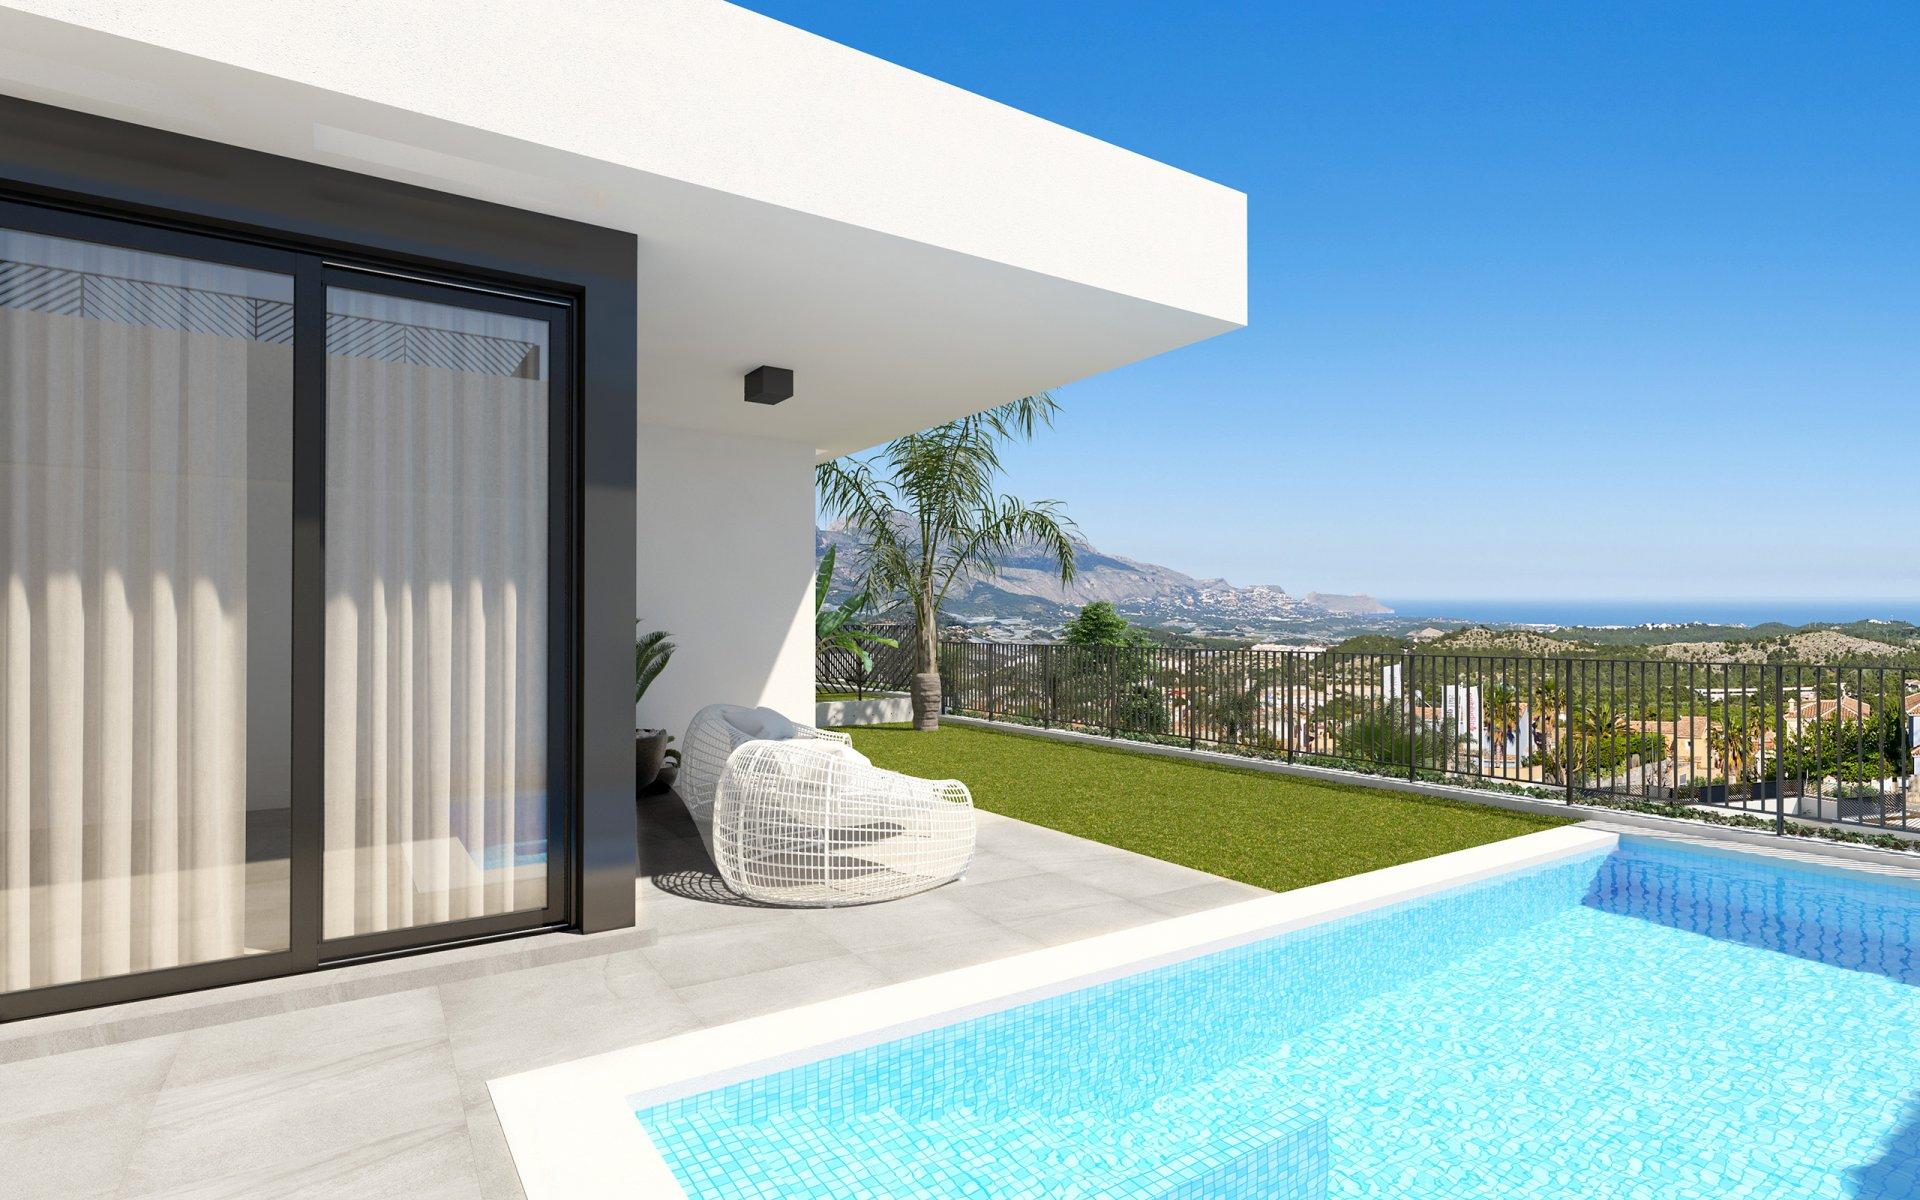 Gelijkvloerse villa met mooi uitzicht